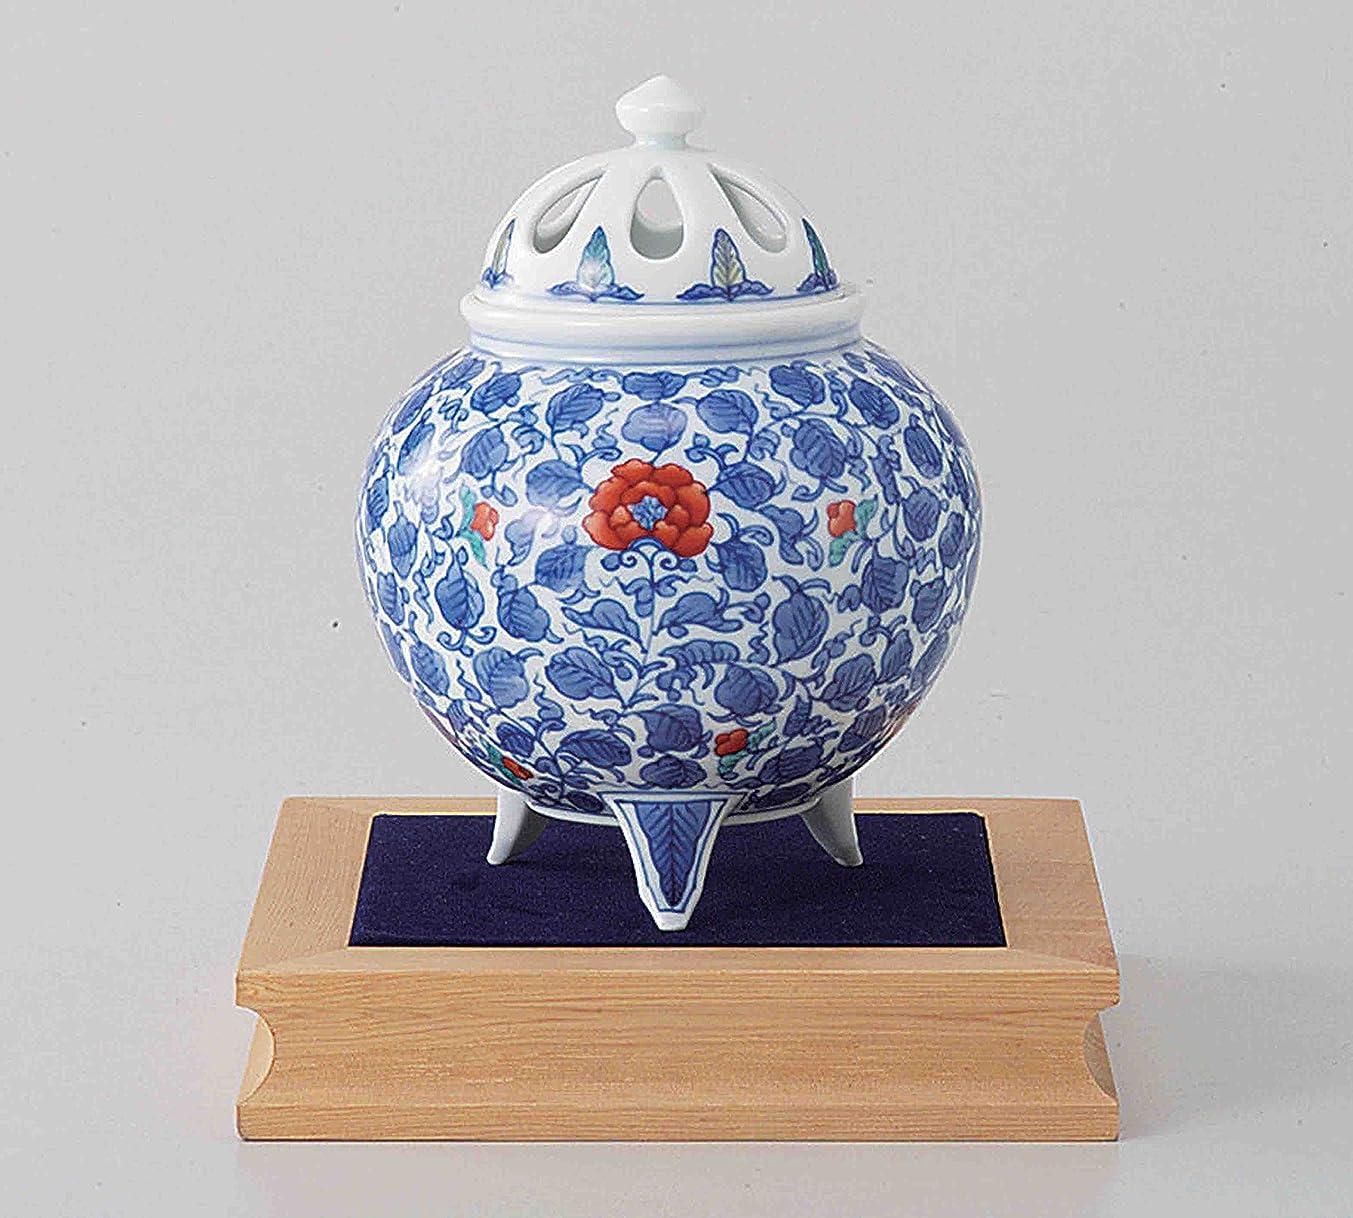 ルアーがっかりしたかろうじて東京抹茶Selection?–?[プレミアム] Arita Porcelain Cencer : Arabesque?–?Incense BurnerホルダーWベース&ボックス日本から[ EMSで発送標準: withトラッキング&保険]